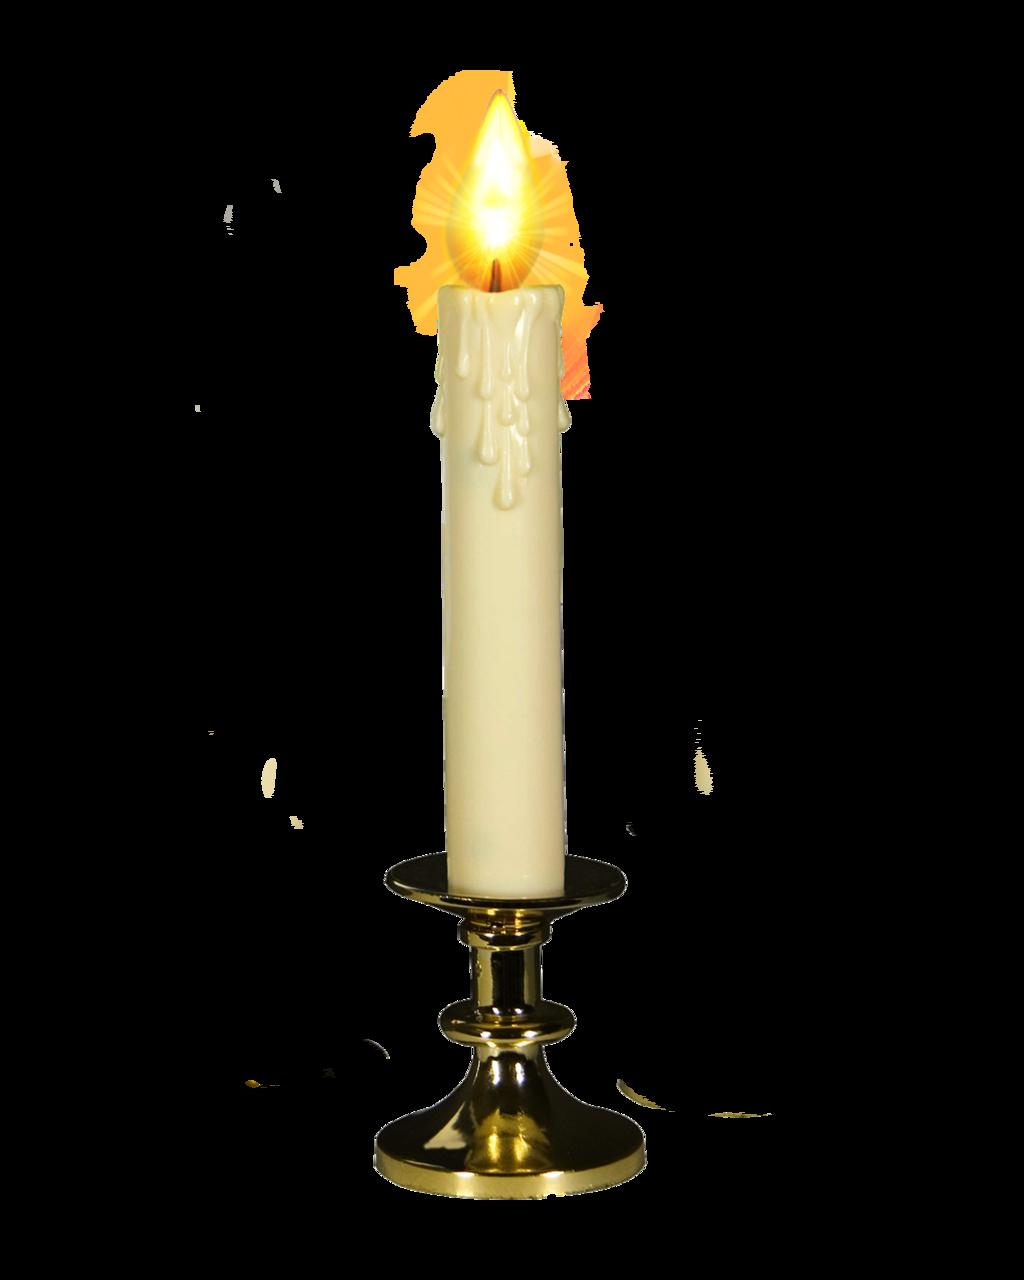 45+ Church Candles Clipart.